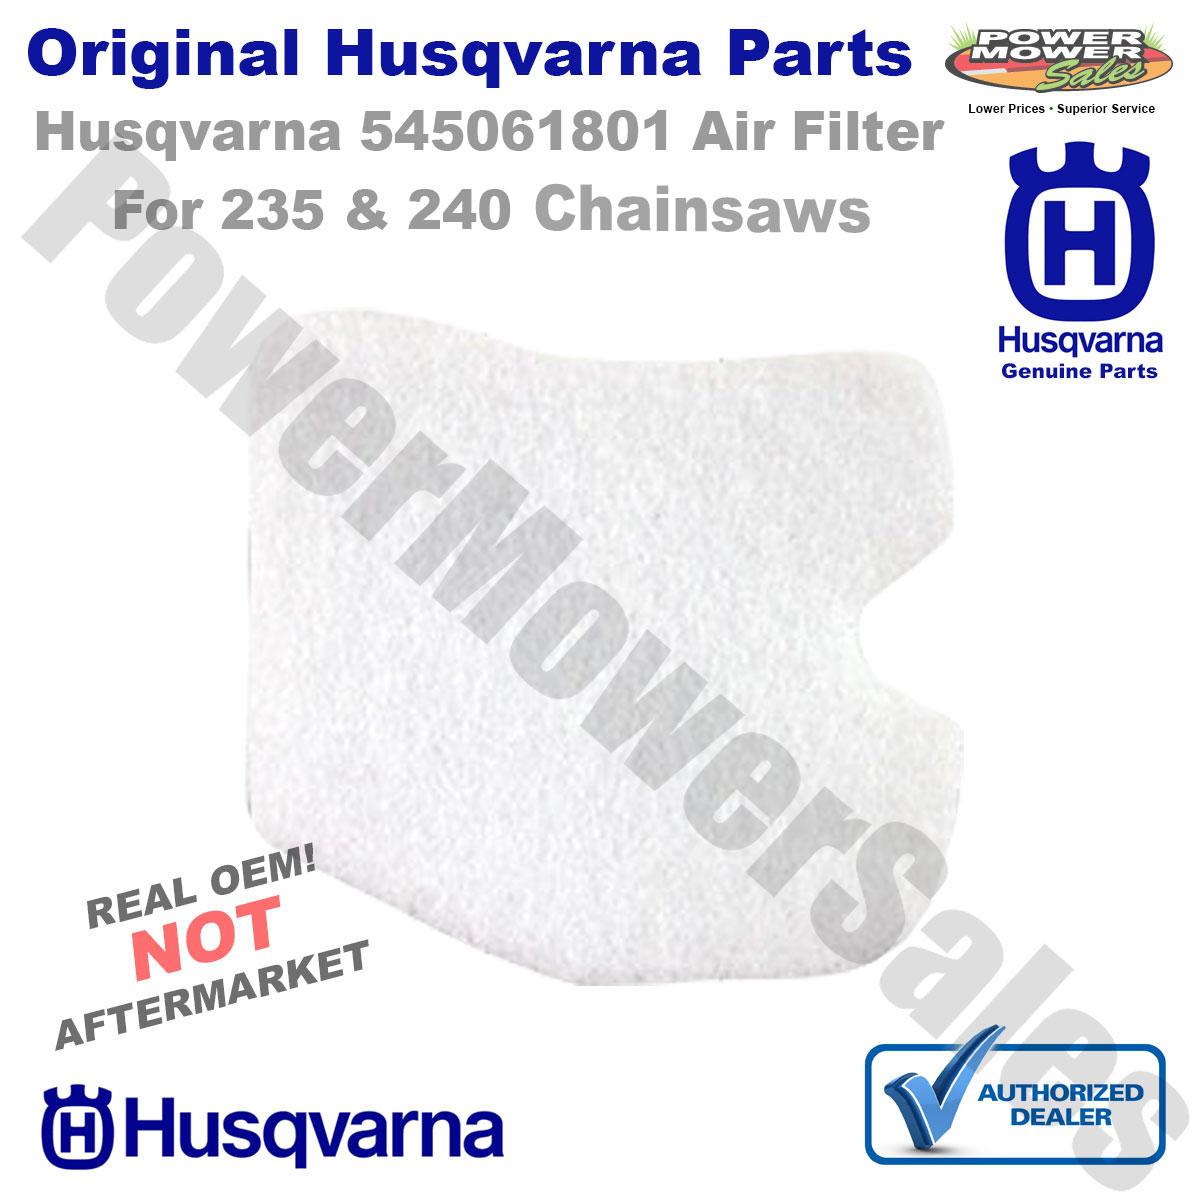 Husqvarna Part Number 545061801 Air Filter